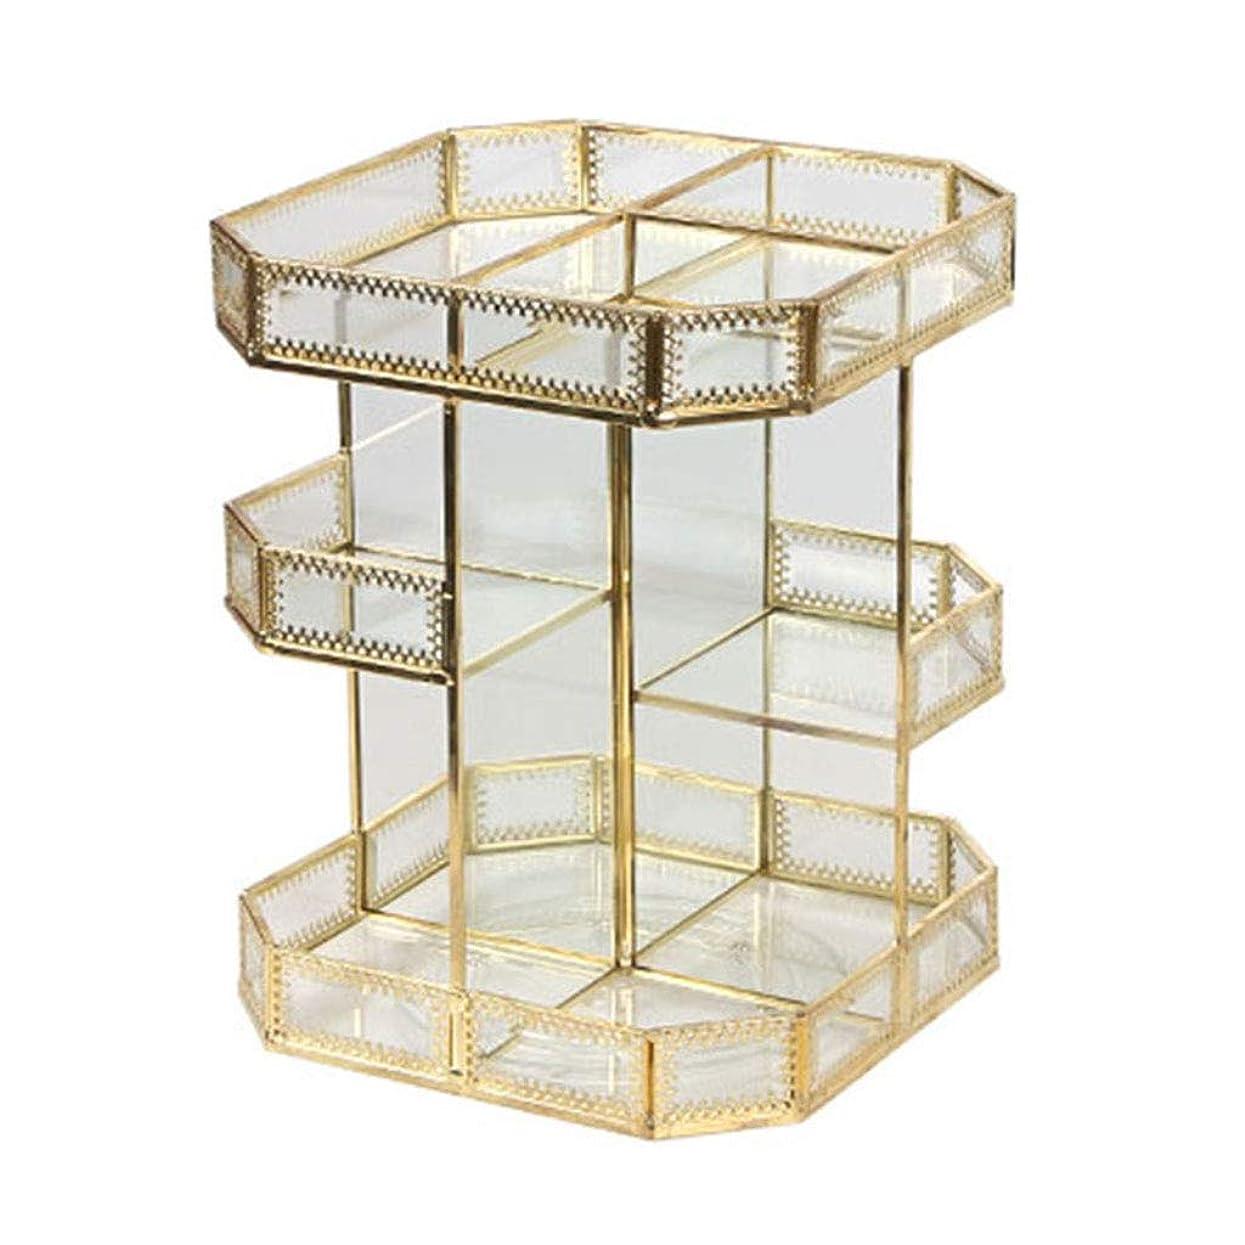 原油挑発する細断化粧品収納ボックスガラス回転透明レトロメタルデスクトップドレッシングテーブルスキンケアラック最高の贈り物 (Color : GOLD, Size : 21.7*21.7*28.2CM)